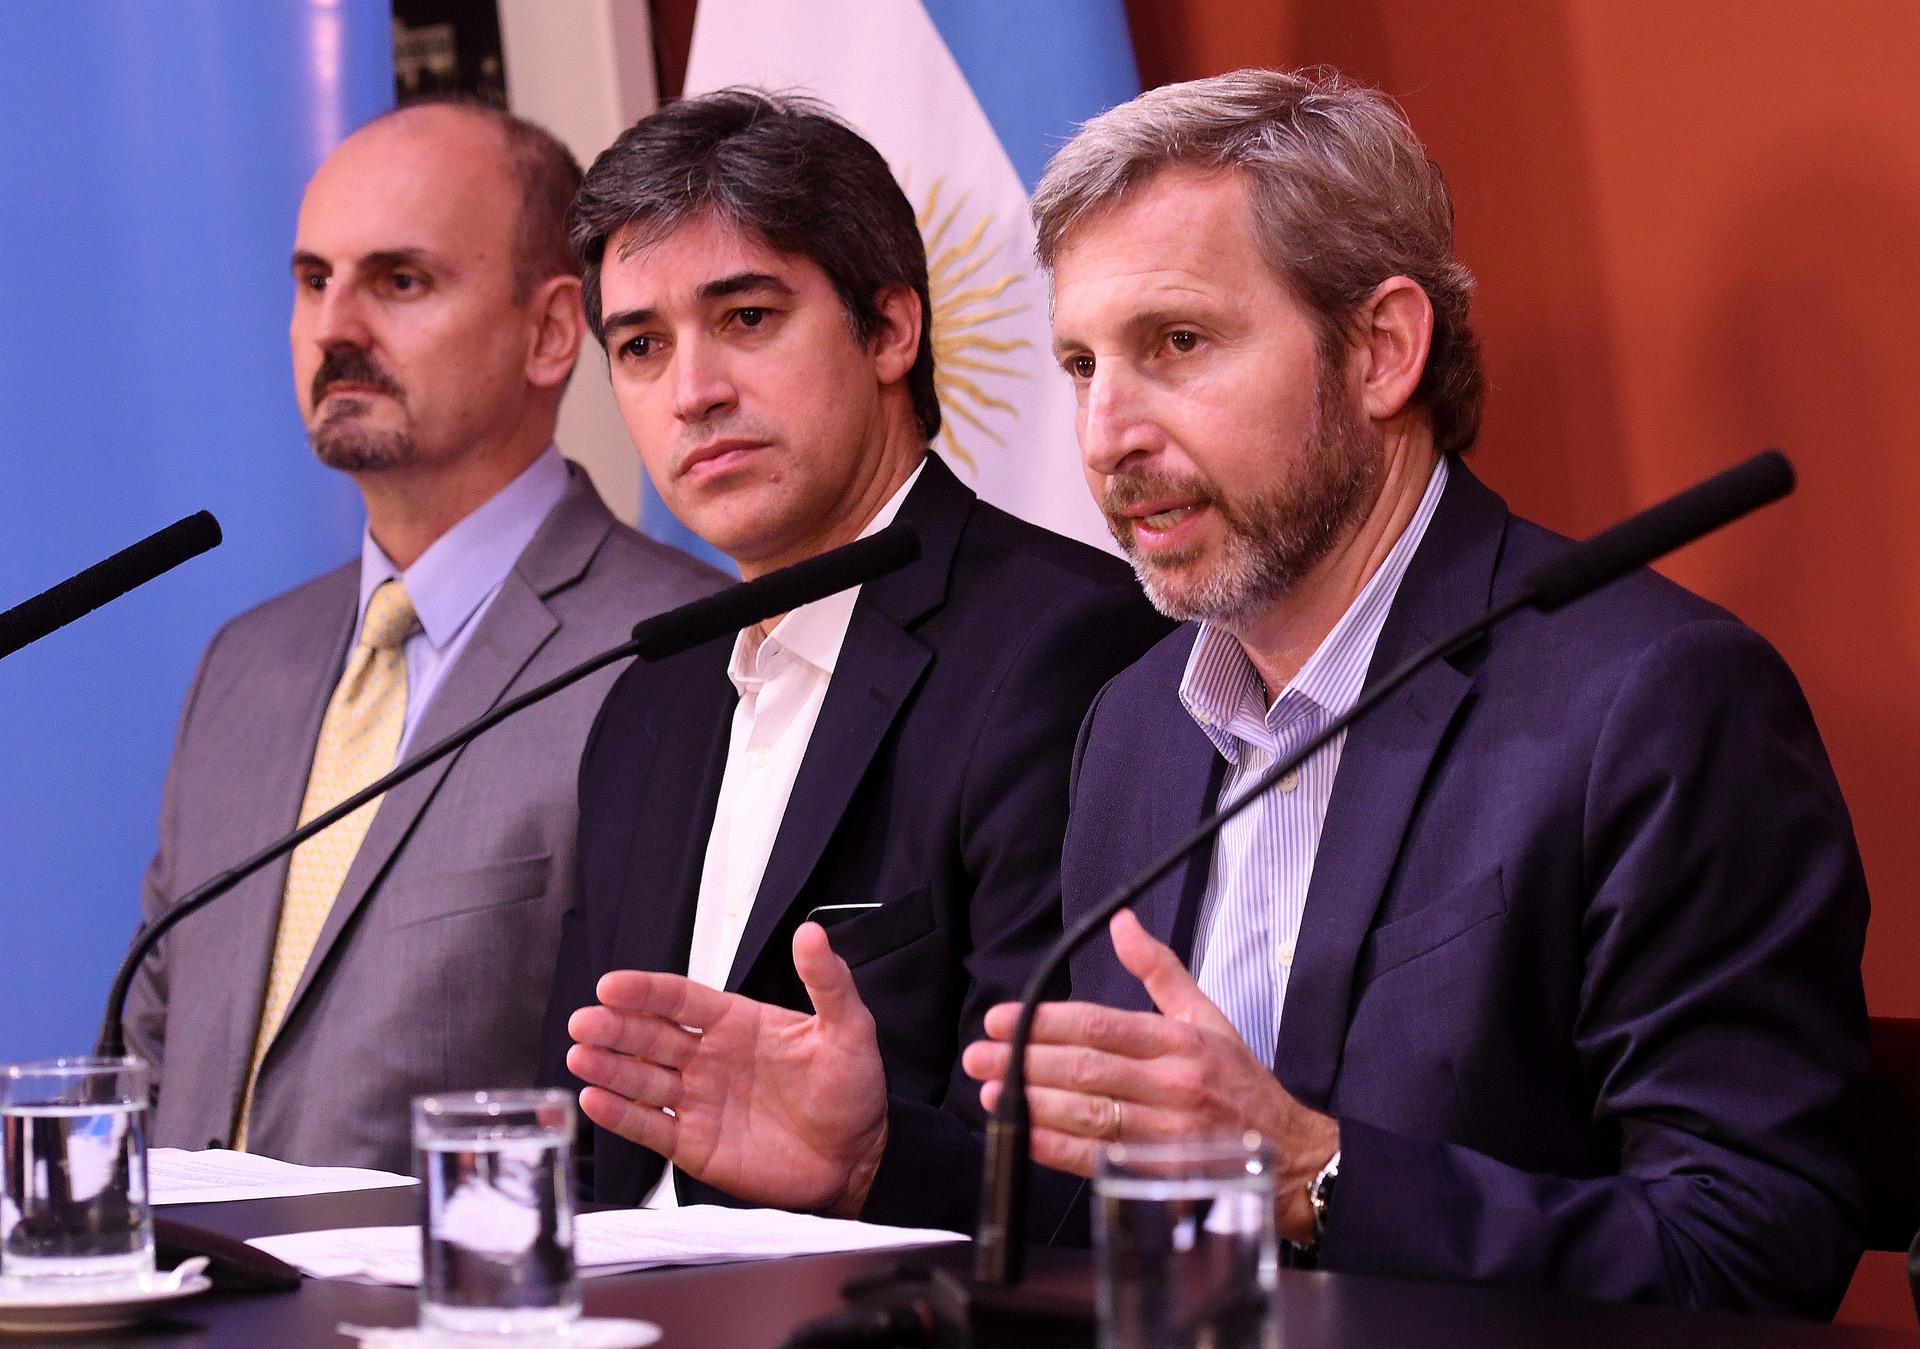 El ministro del Interior, Rogelio Frigerio, brindó una conferencia de prensa en donde especificó detalles del operativo de cara a las elecciones Primarias Abiertas Simultáneas y Obligatorias del próximo domingo